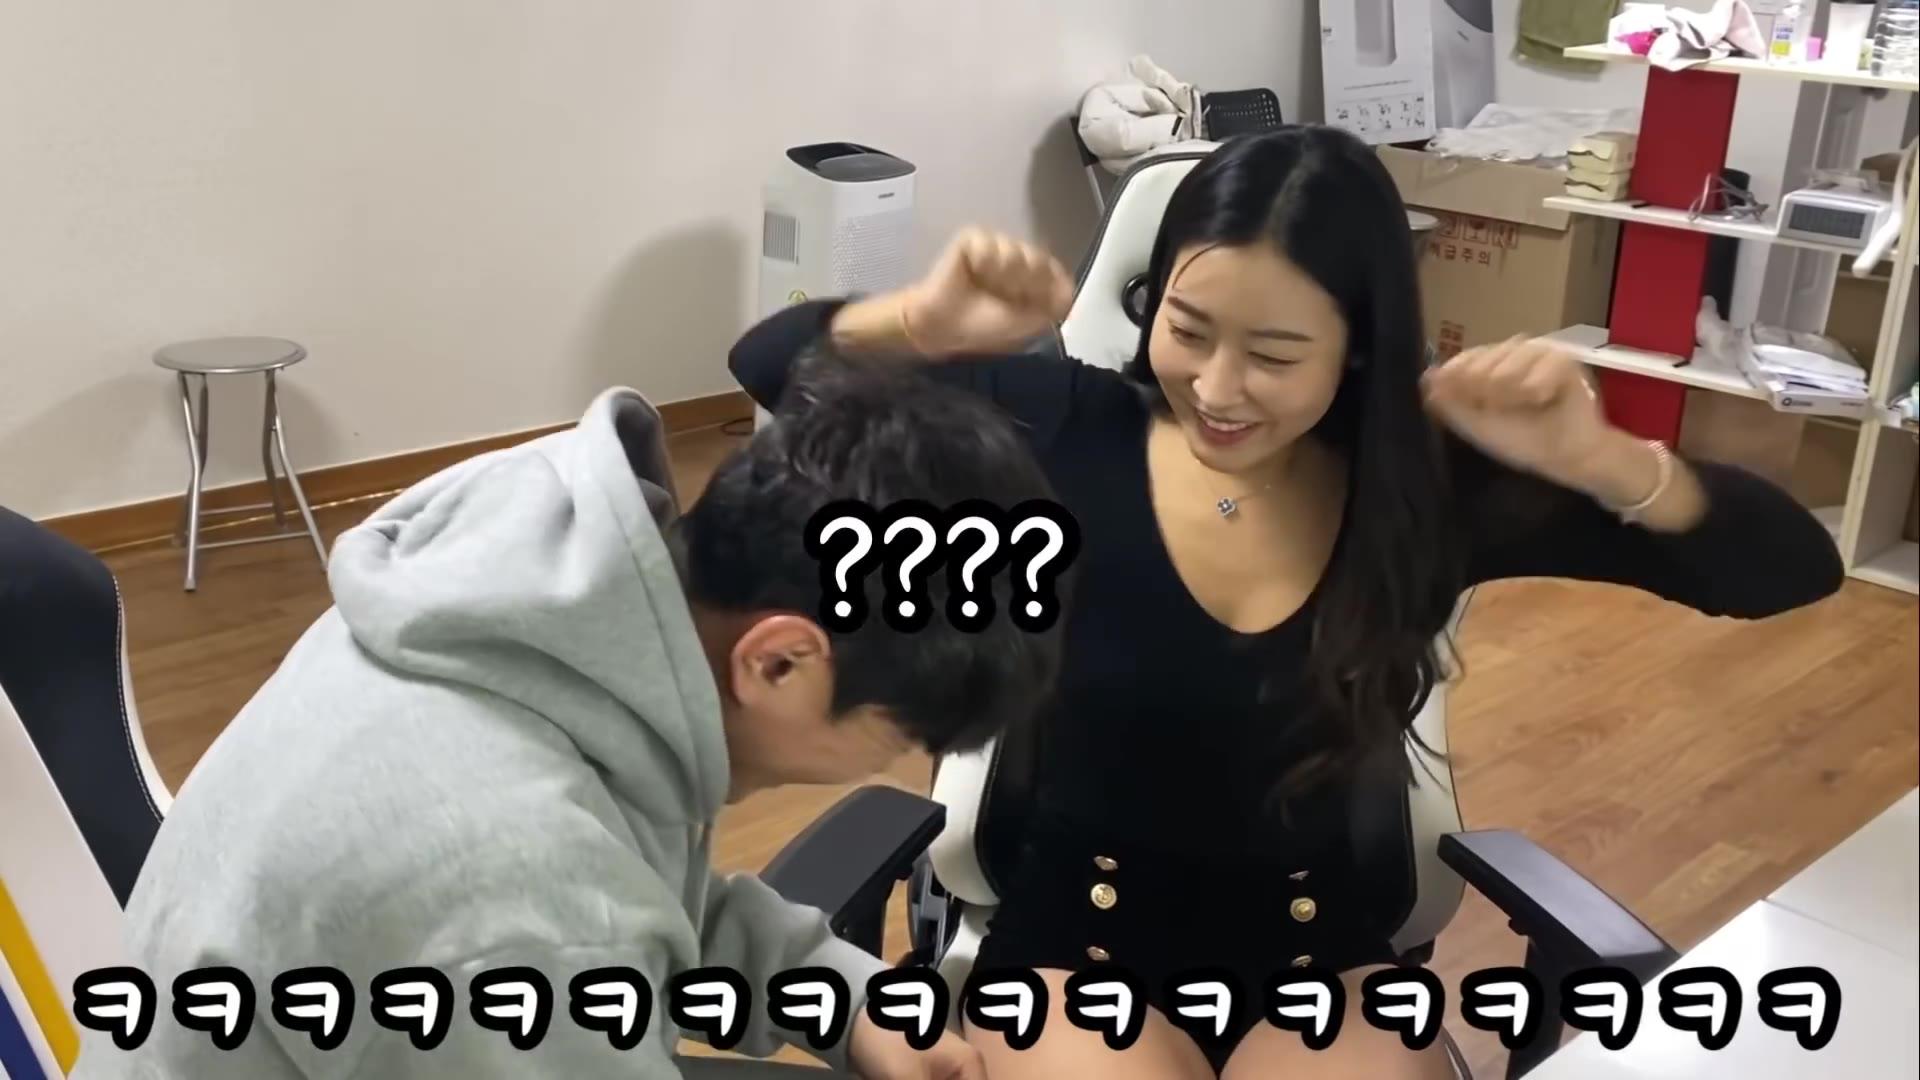 众所周知,非韩语十级看不懂这个视频#5